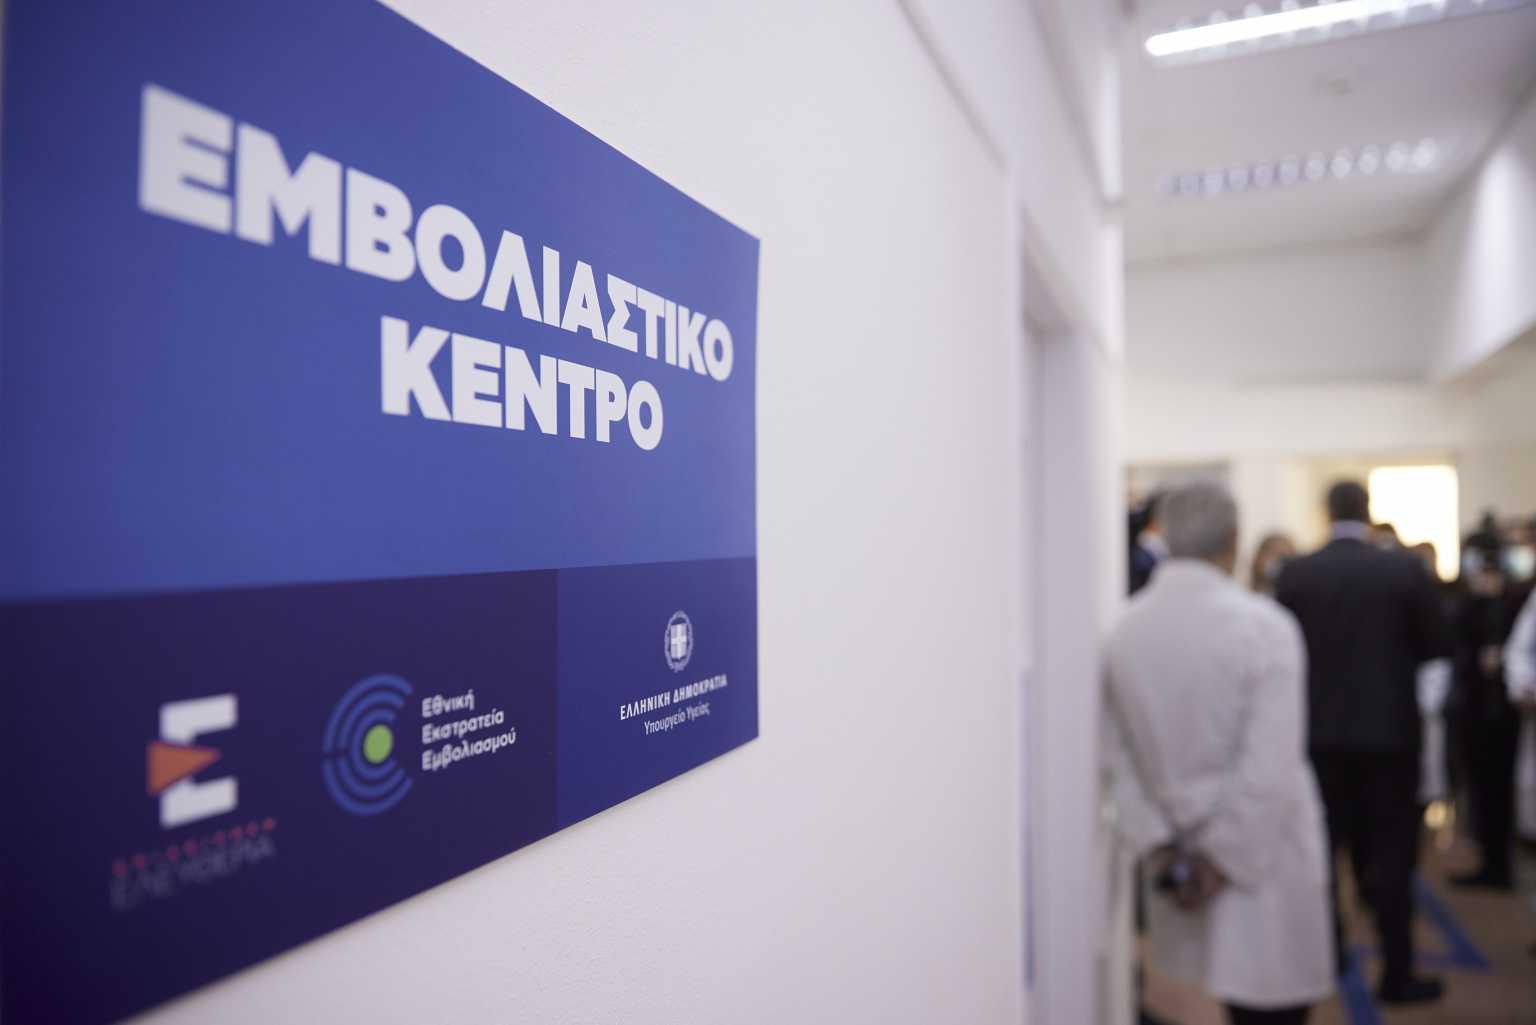 Ηράκλειο: Γιατροί τέθηκαν σε αργία για εικονικούς εμβολιασμούς